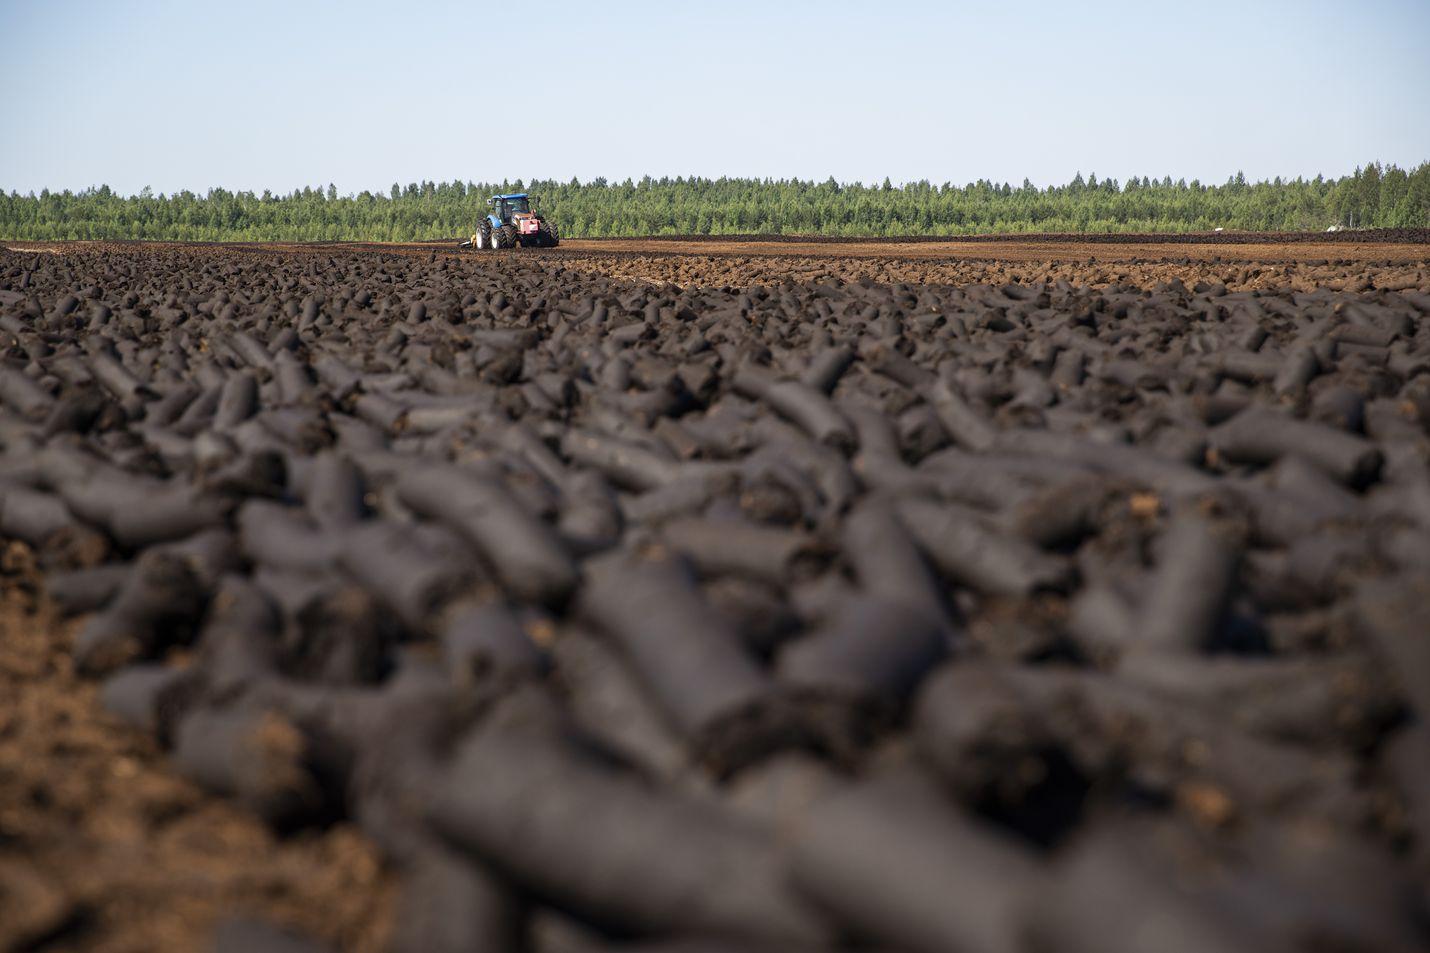 Hallitus haluaa vähentää turpeenpolttoa erityisesti ilmastosyistä. Luonnonsuojelupuolelta perusteluihin lisätään elonkirjo ja vesistövaikutukset.